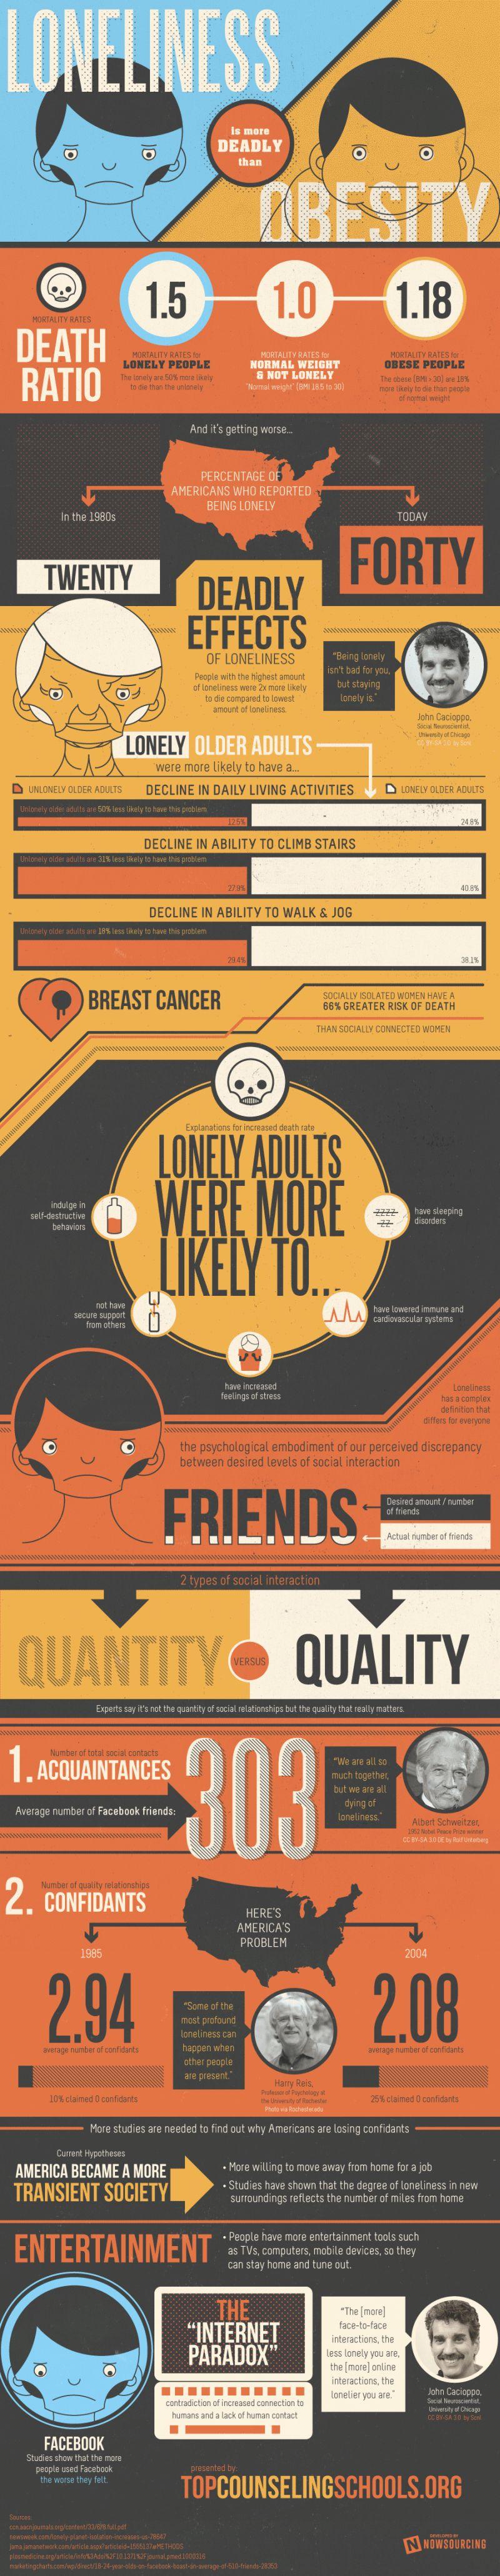 06 loneliness-vs-obesity